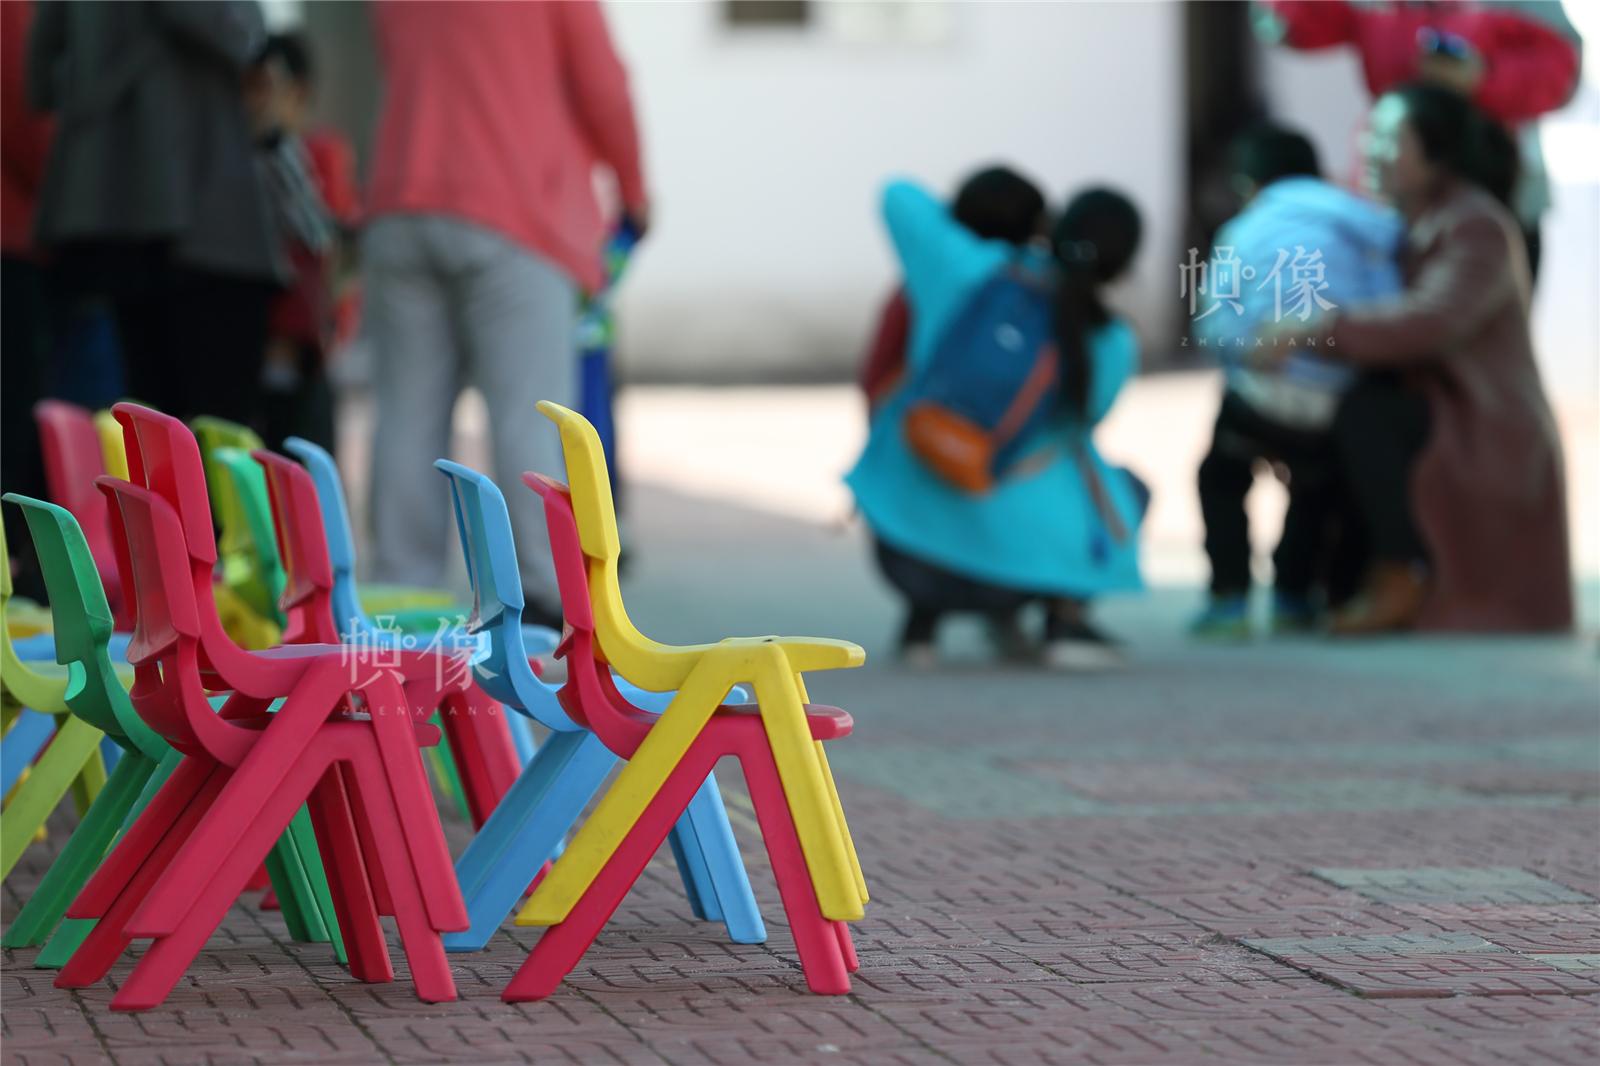 2017年3月27日,北京星星雨教育研究所,家长带着孩子们在操场训练。中国网记者陈维松 摄